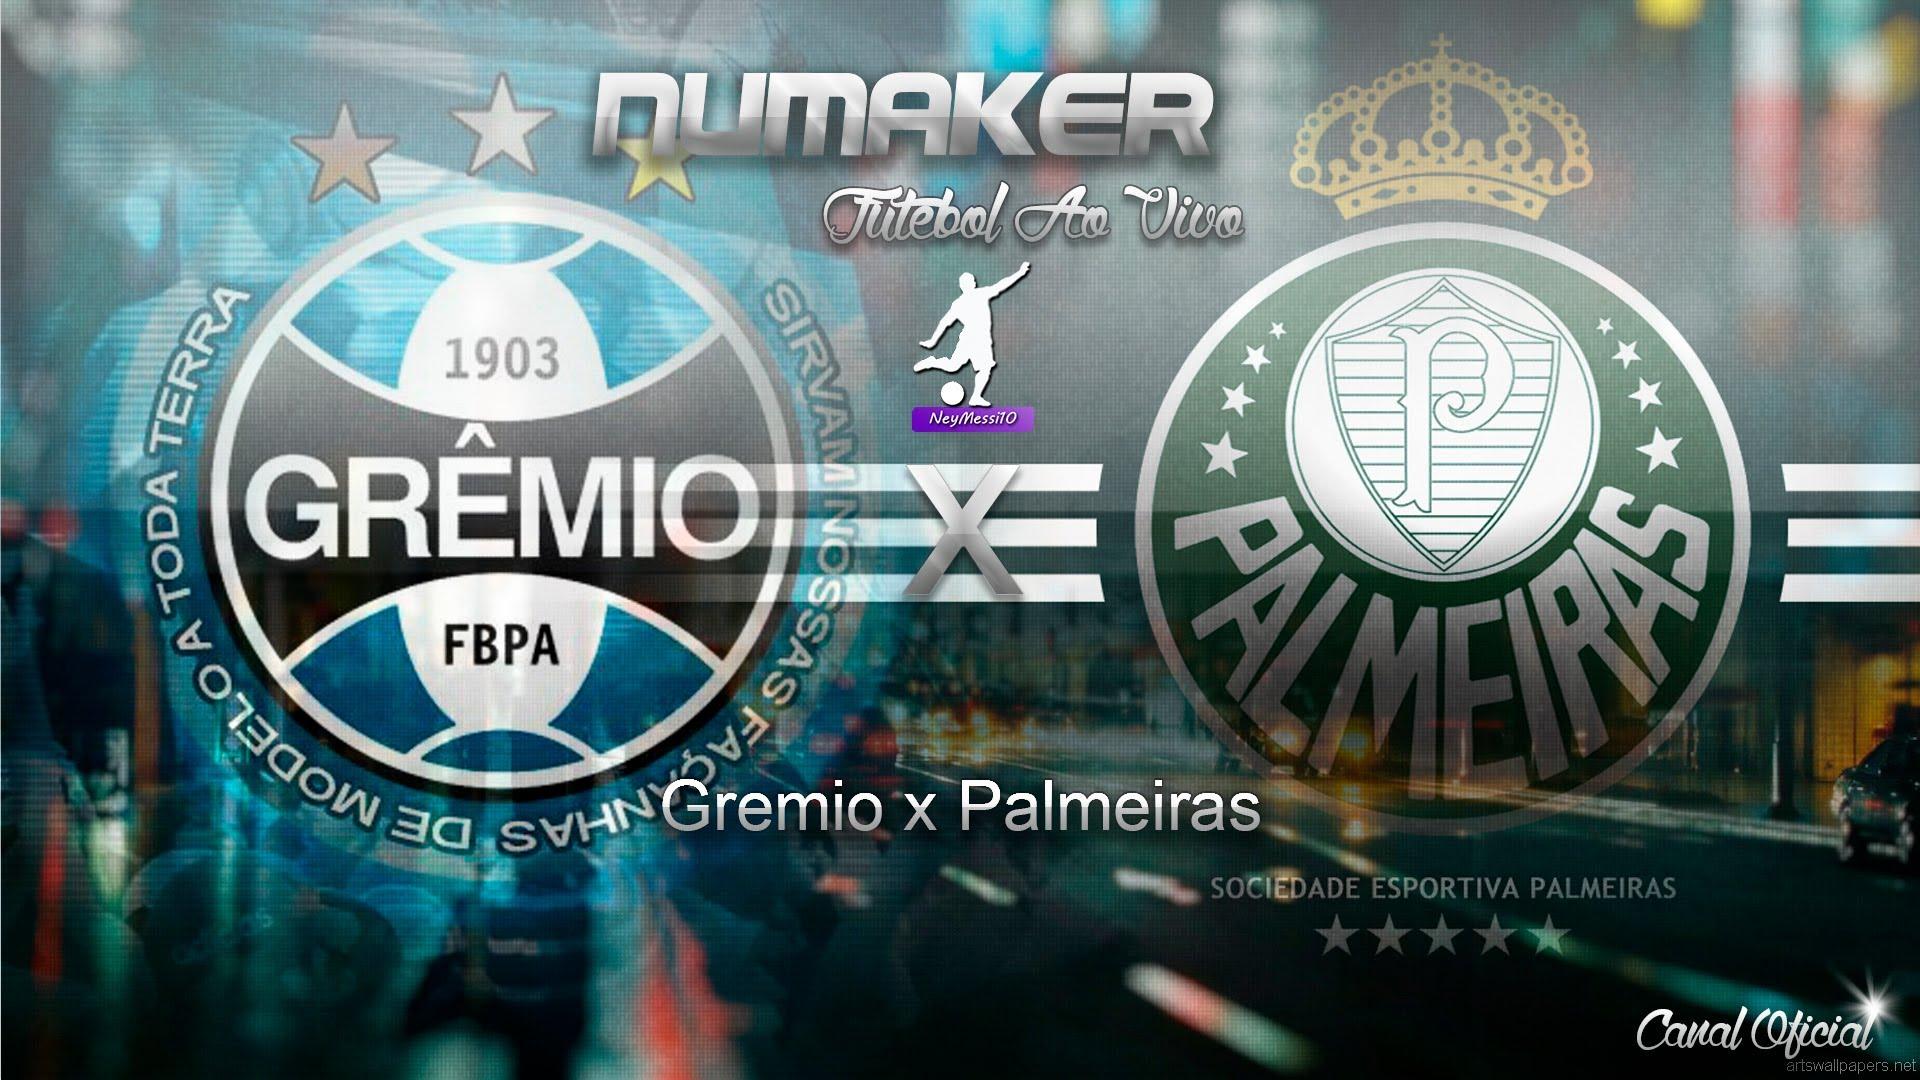 Gremio x Palmeiras HD AO VIVO - 20/06/2015 - YouTube